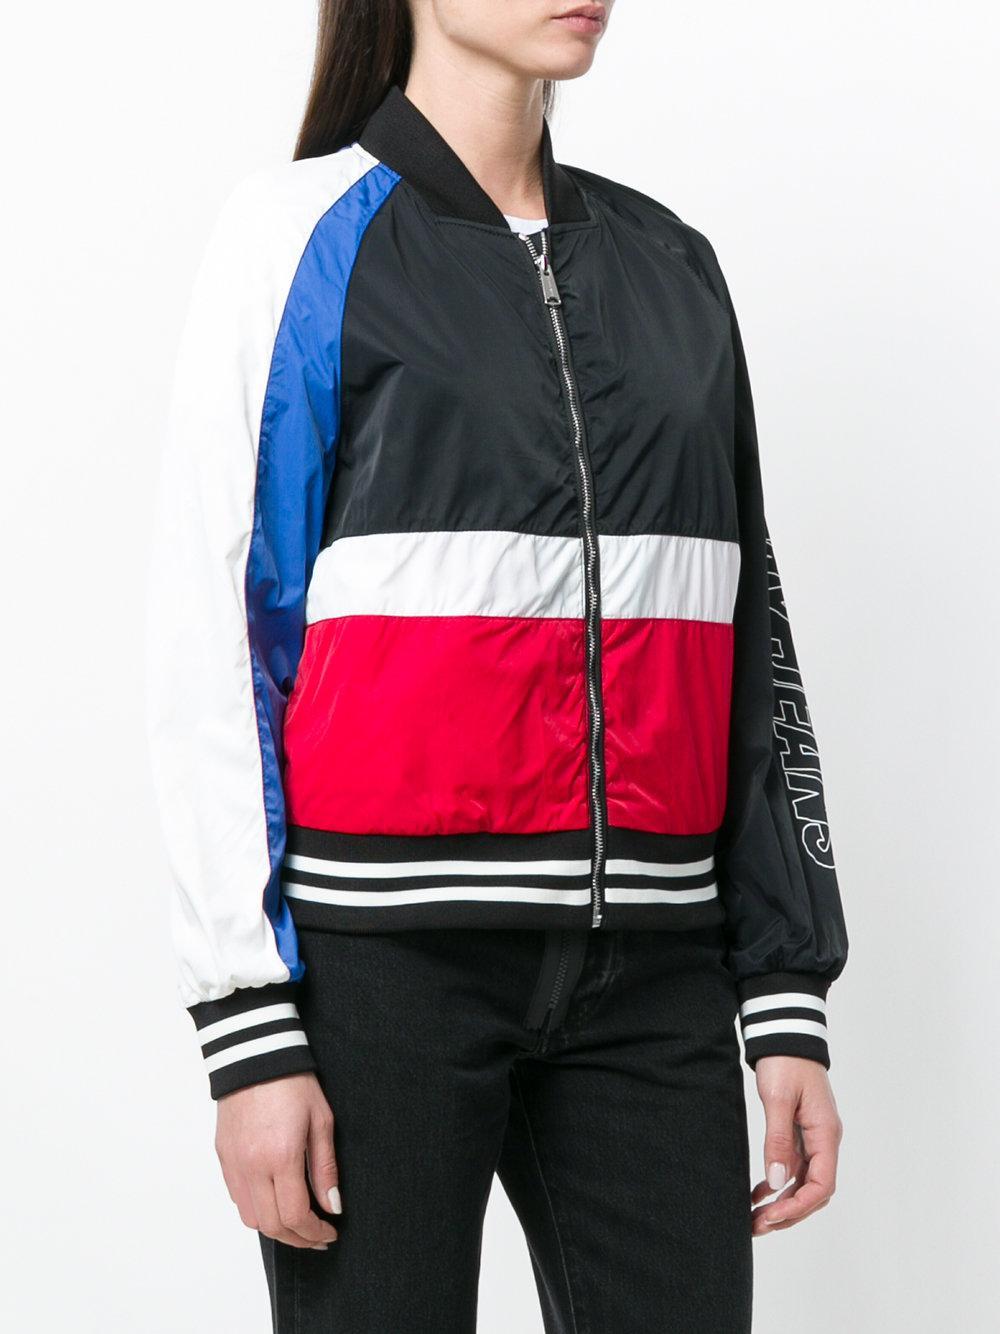 Tommy Hilfiger Black Speed Bomber Jacket